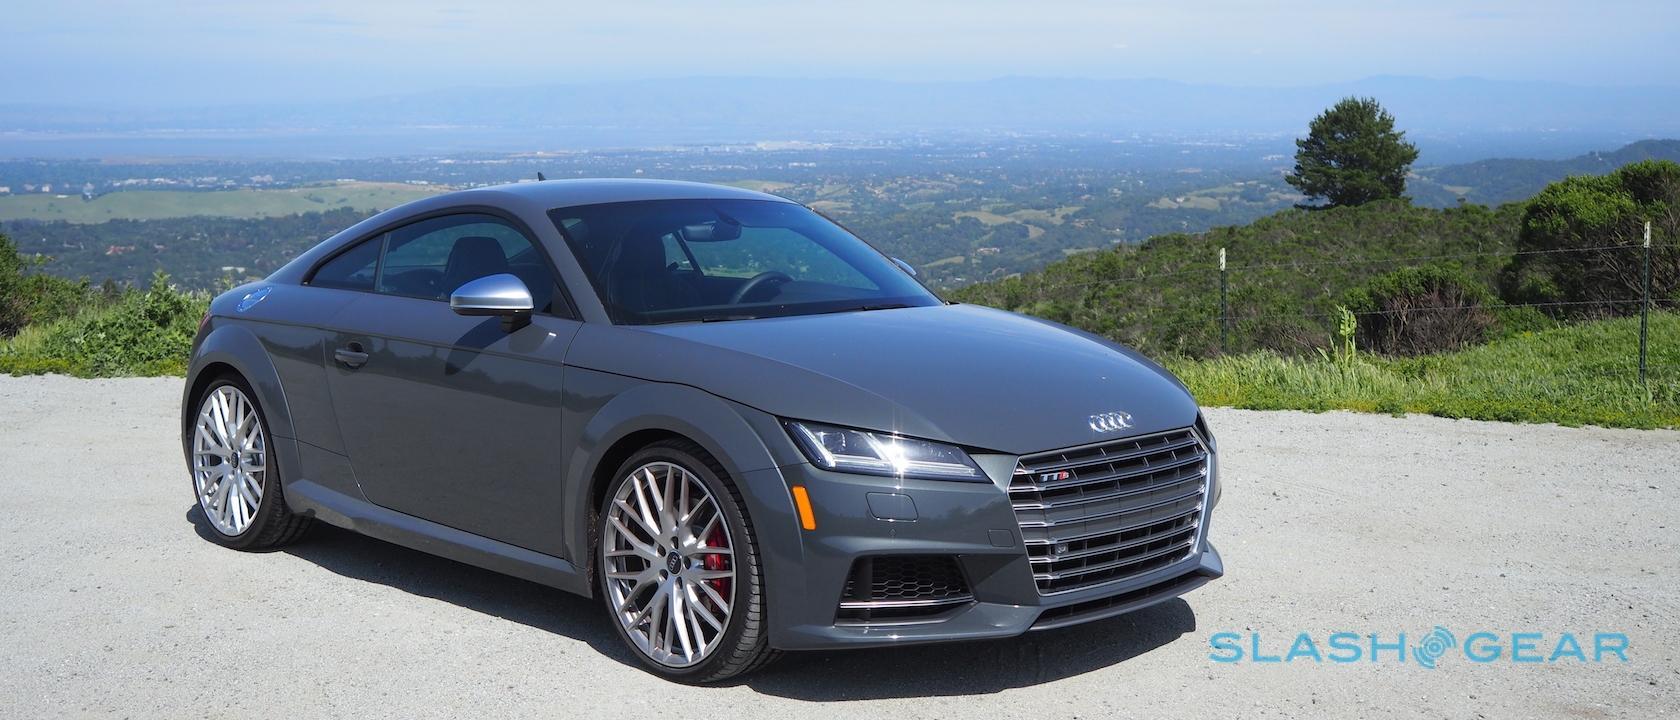 Kekurangan Audi Tts 2016 Spesifikasi